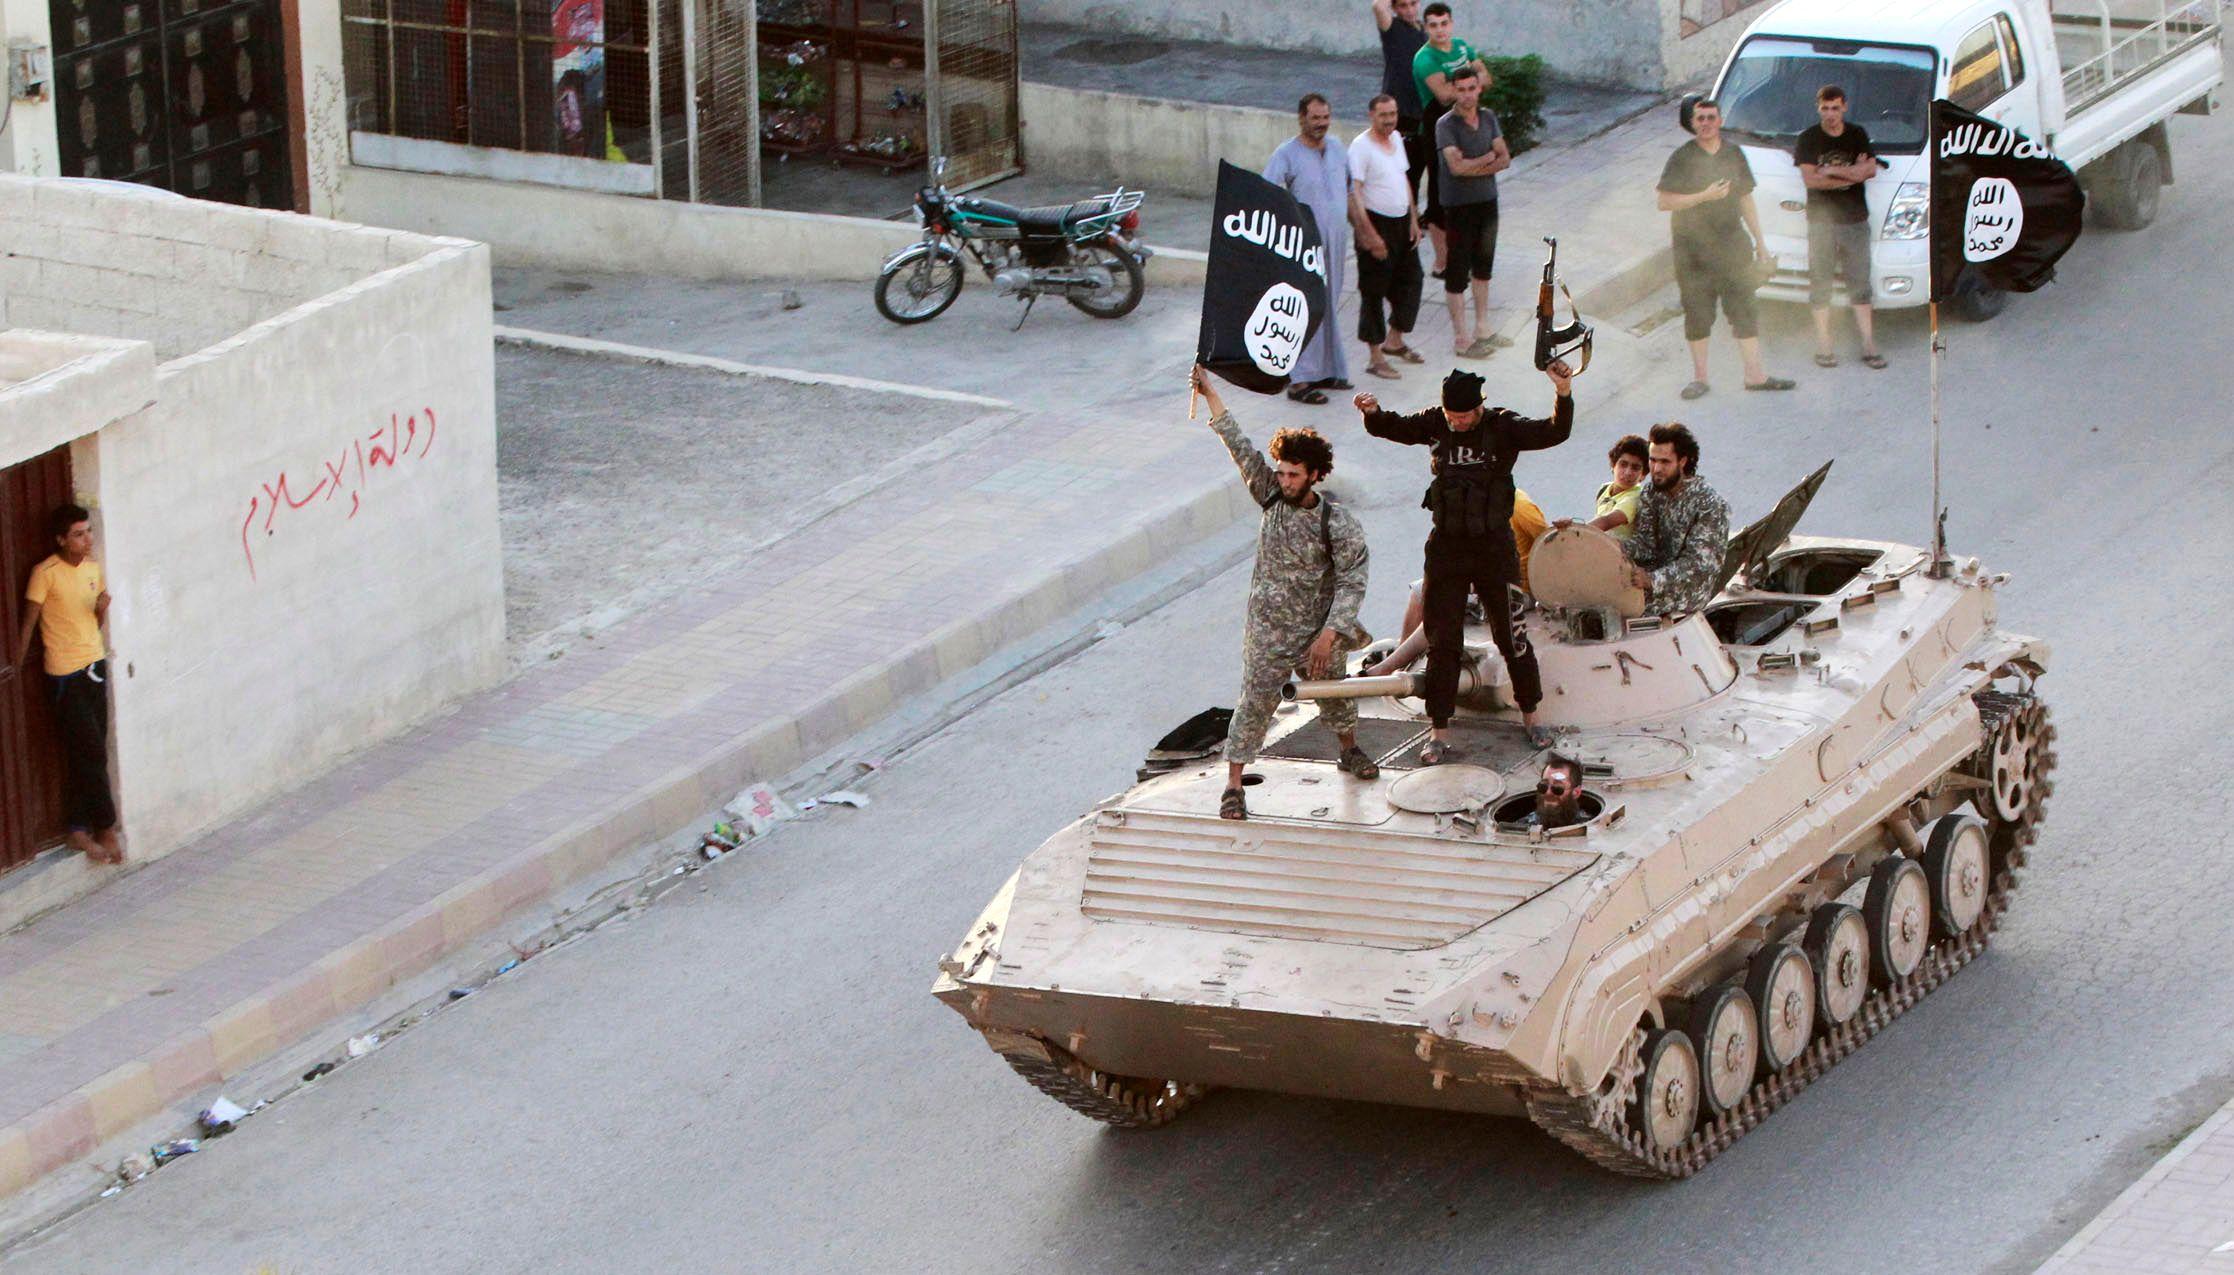 Syrie : l'Etat islamique à l'origine de la mort de 3 591 personnes dont 77 enfants et 103 femmes depuis 2014